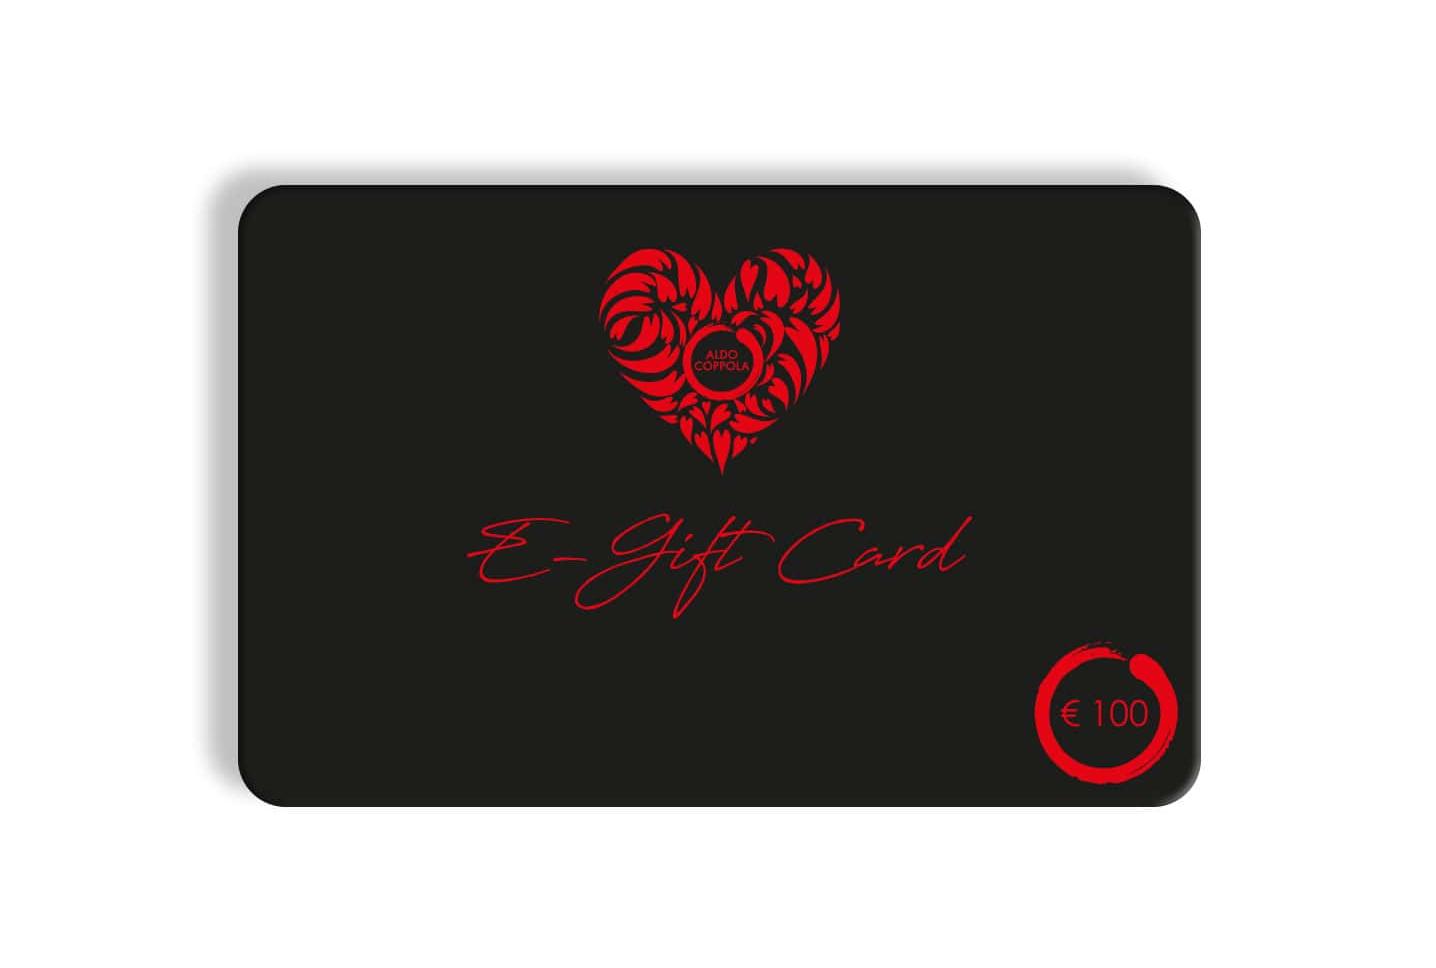 Gift card Aldo Coppola regalo prodotti per la cura dei capelli